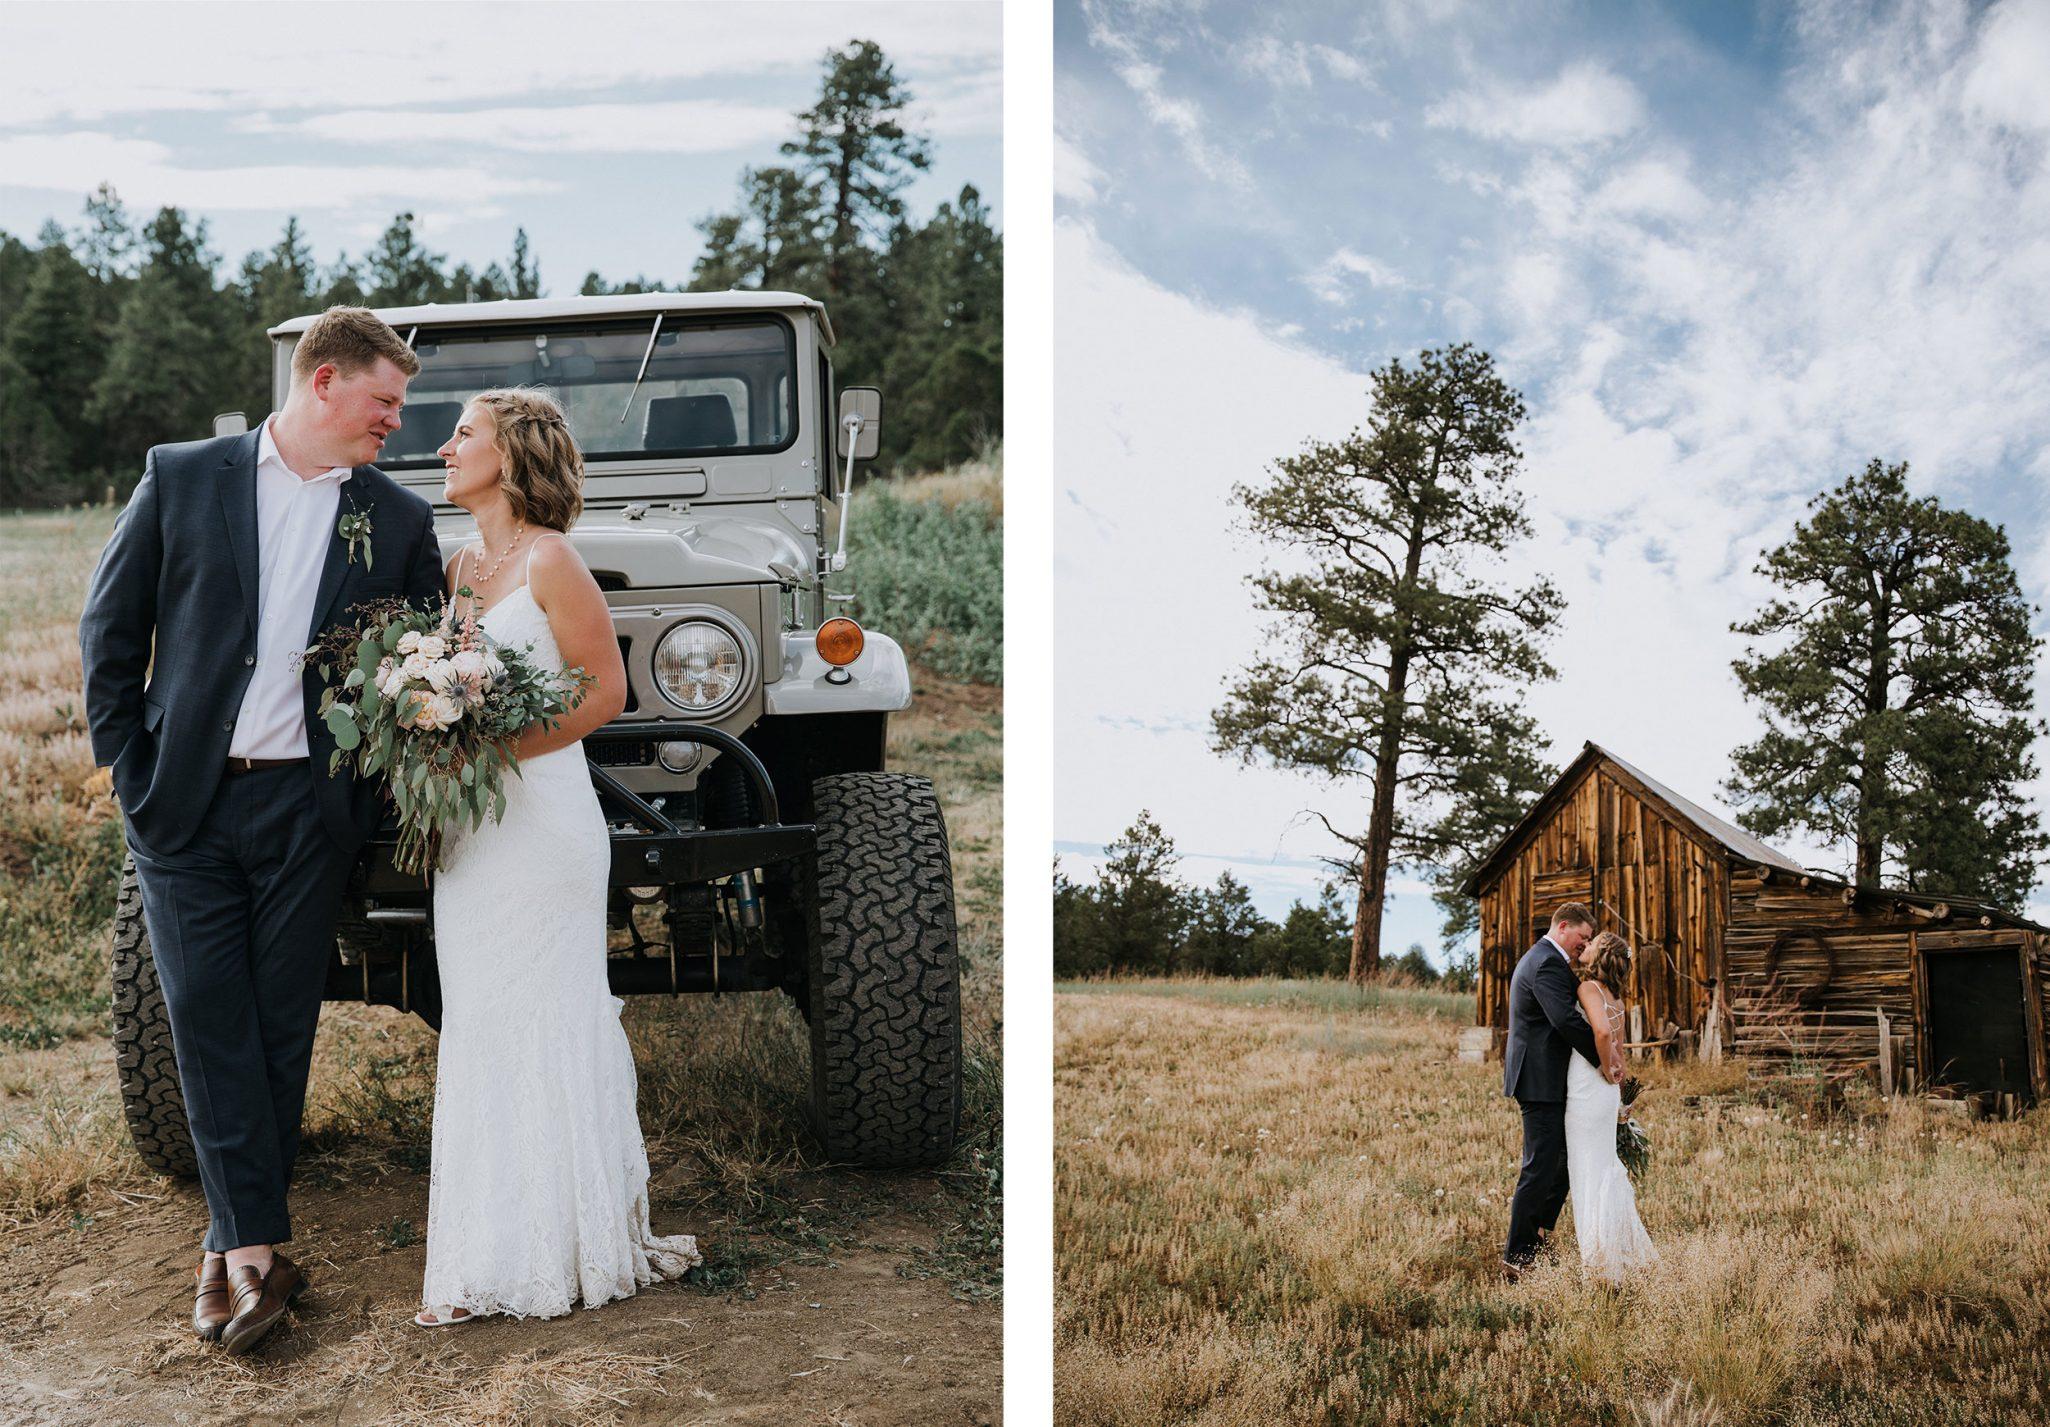 Reising stage wedding venue in Durango, Colorado